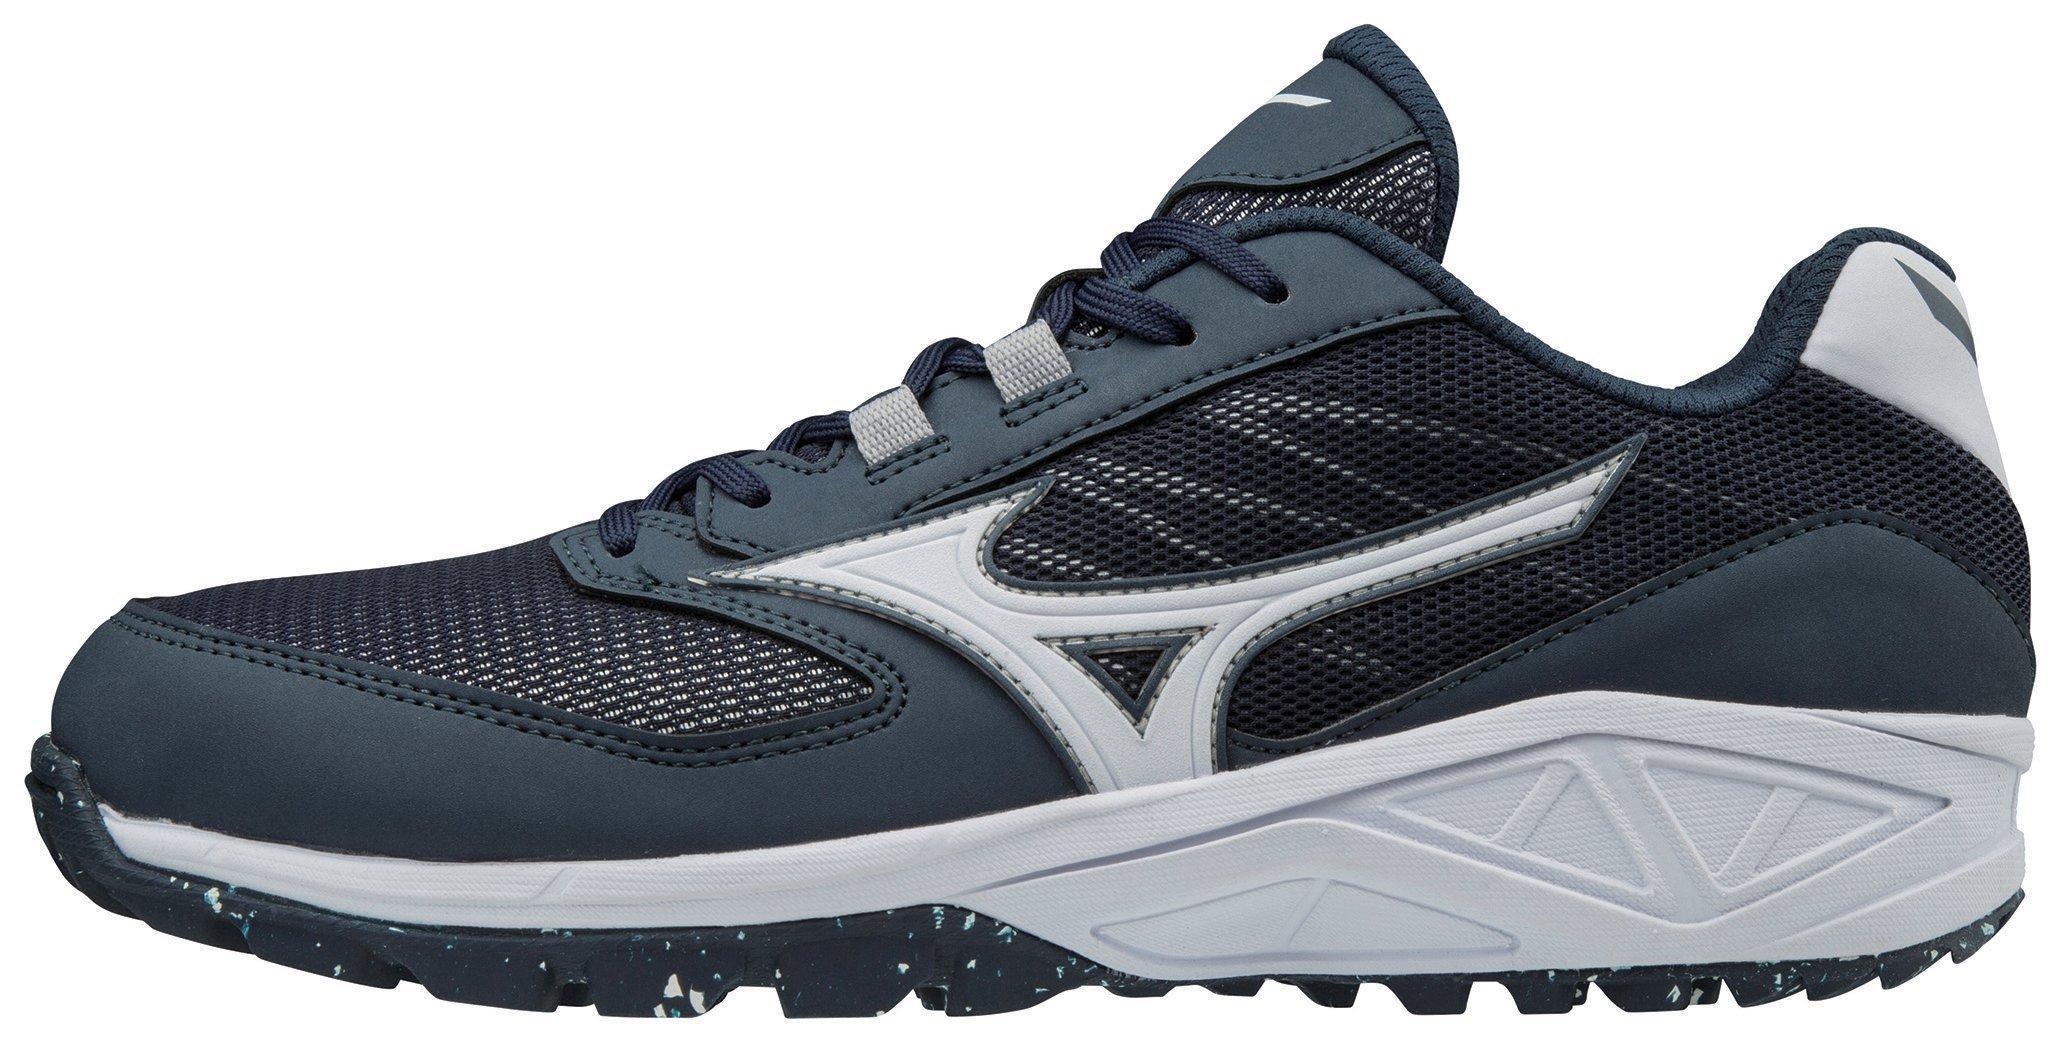 5a6b69a9ba6e Mizuno: Mizuno Dominant All Surface Low Men's Baseball Turf Shoe ...